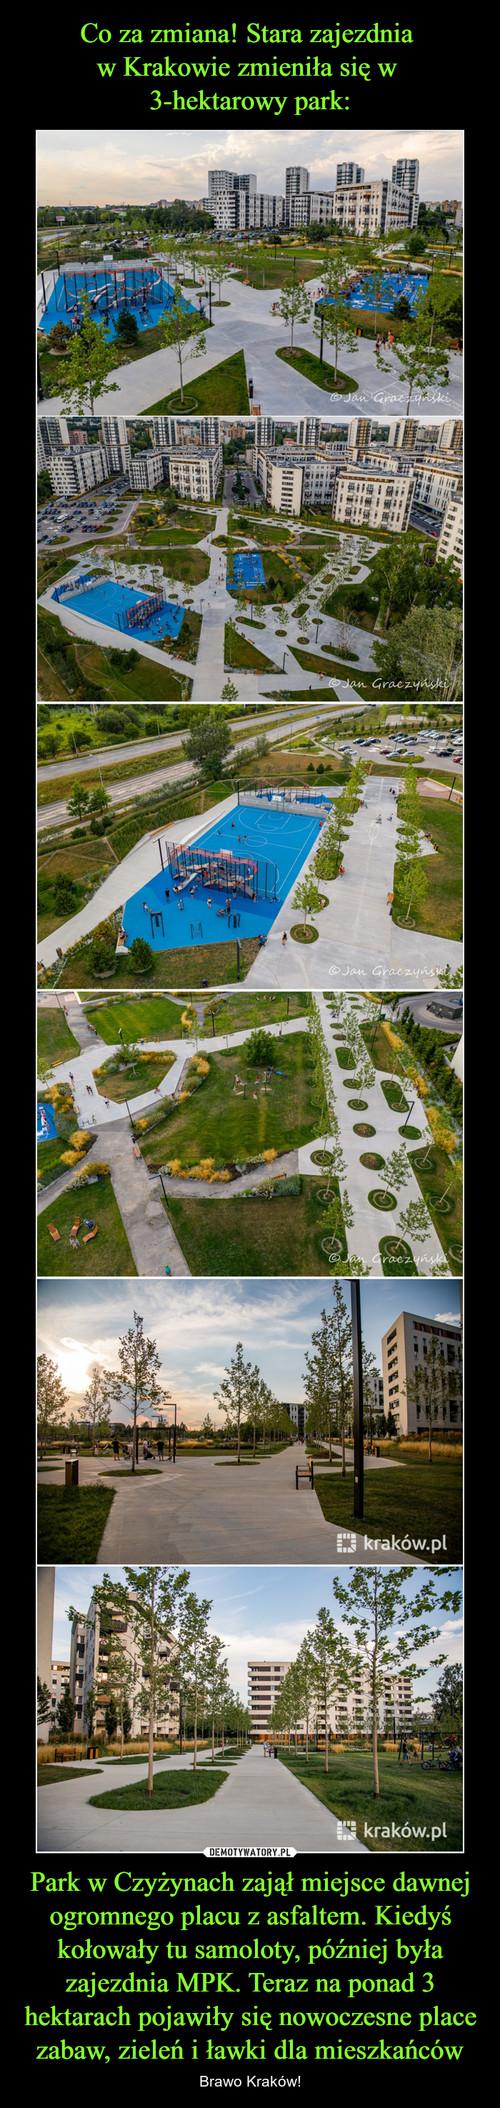 Co za zmiana! Stara zajezdnia  w Krakowie zmieniła się w  3-hektarowy park: Park w Czyżynach zajął miejsce dawnej ogromnego placu z asfaltem. Kiedyś kołowały tu samoloty, później była zajezdnia MPK. Teraz na ponad 3 hektarach pojawiły się nowoczesne place zabaw, zieleń i ławki dla mieszkańców